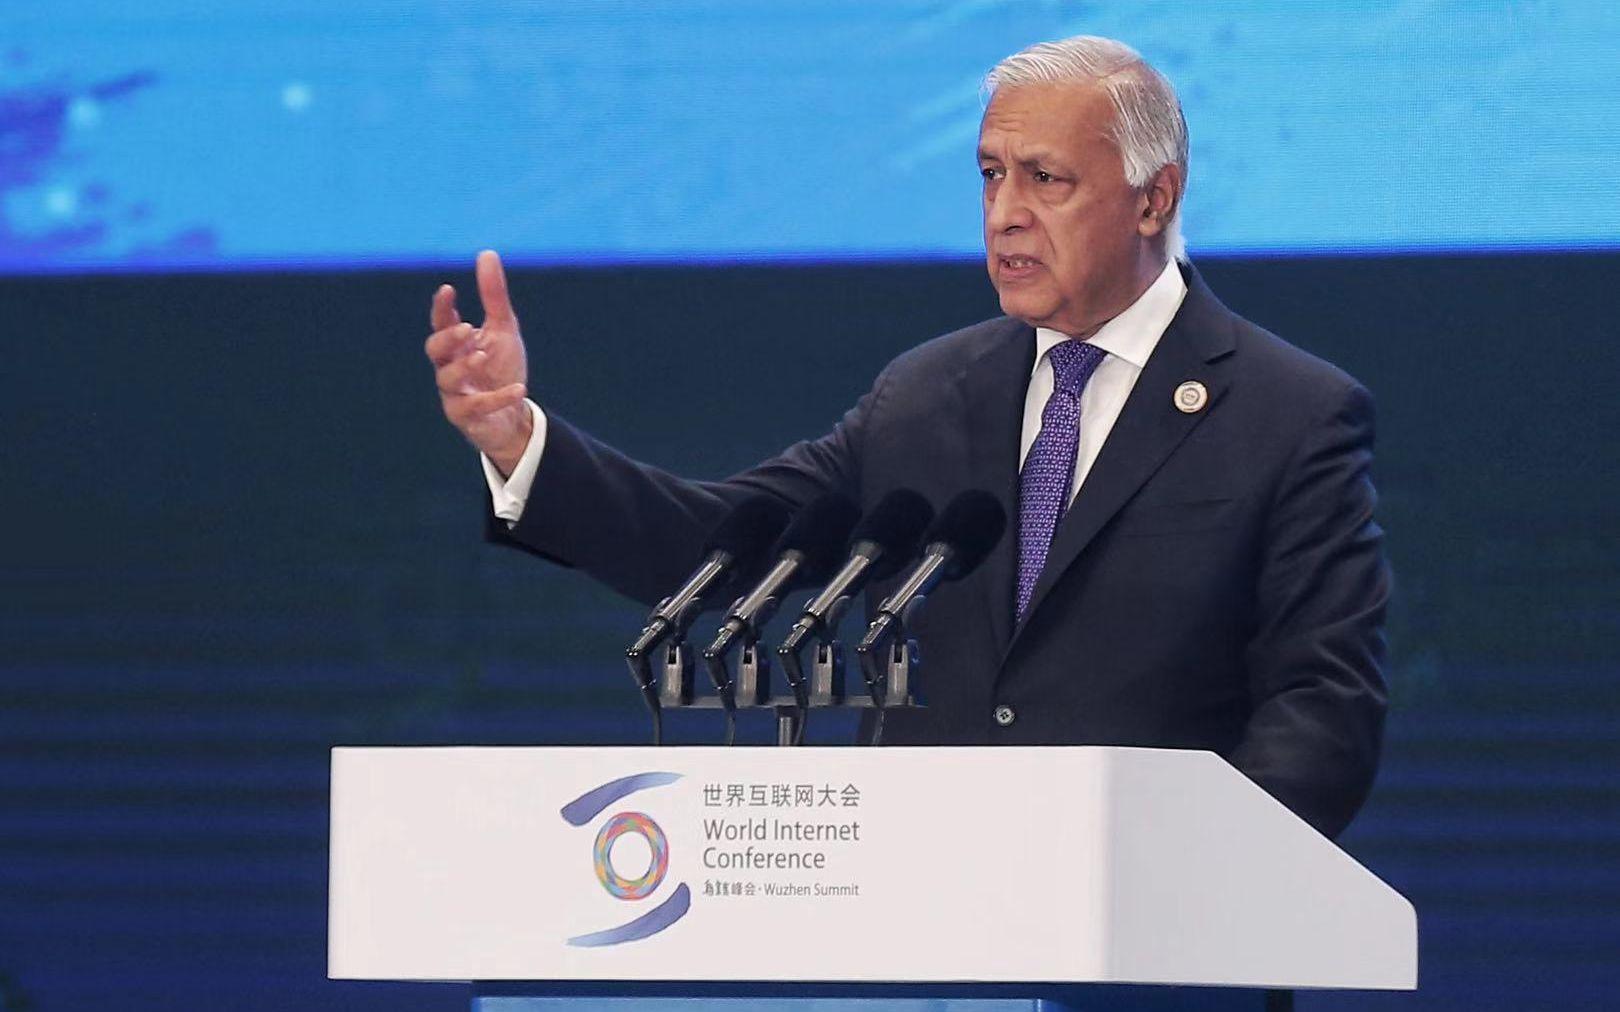 巴基斯坦前总理:信任在互联网时代发挥巨大作用